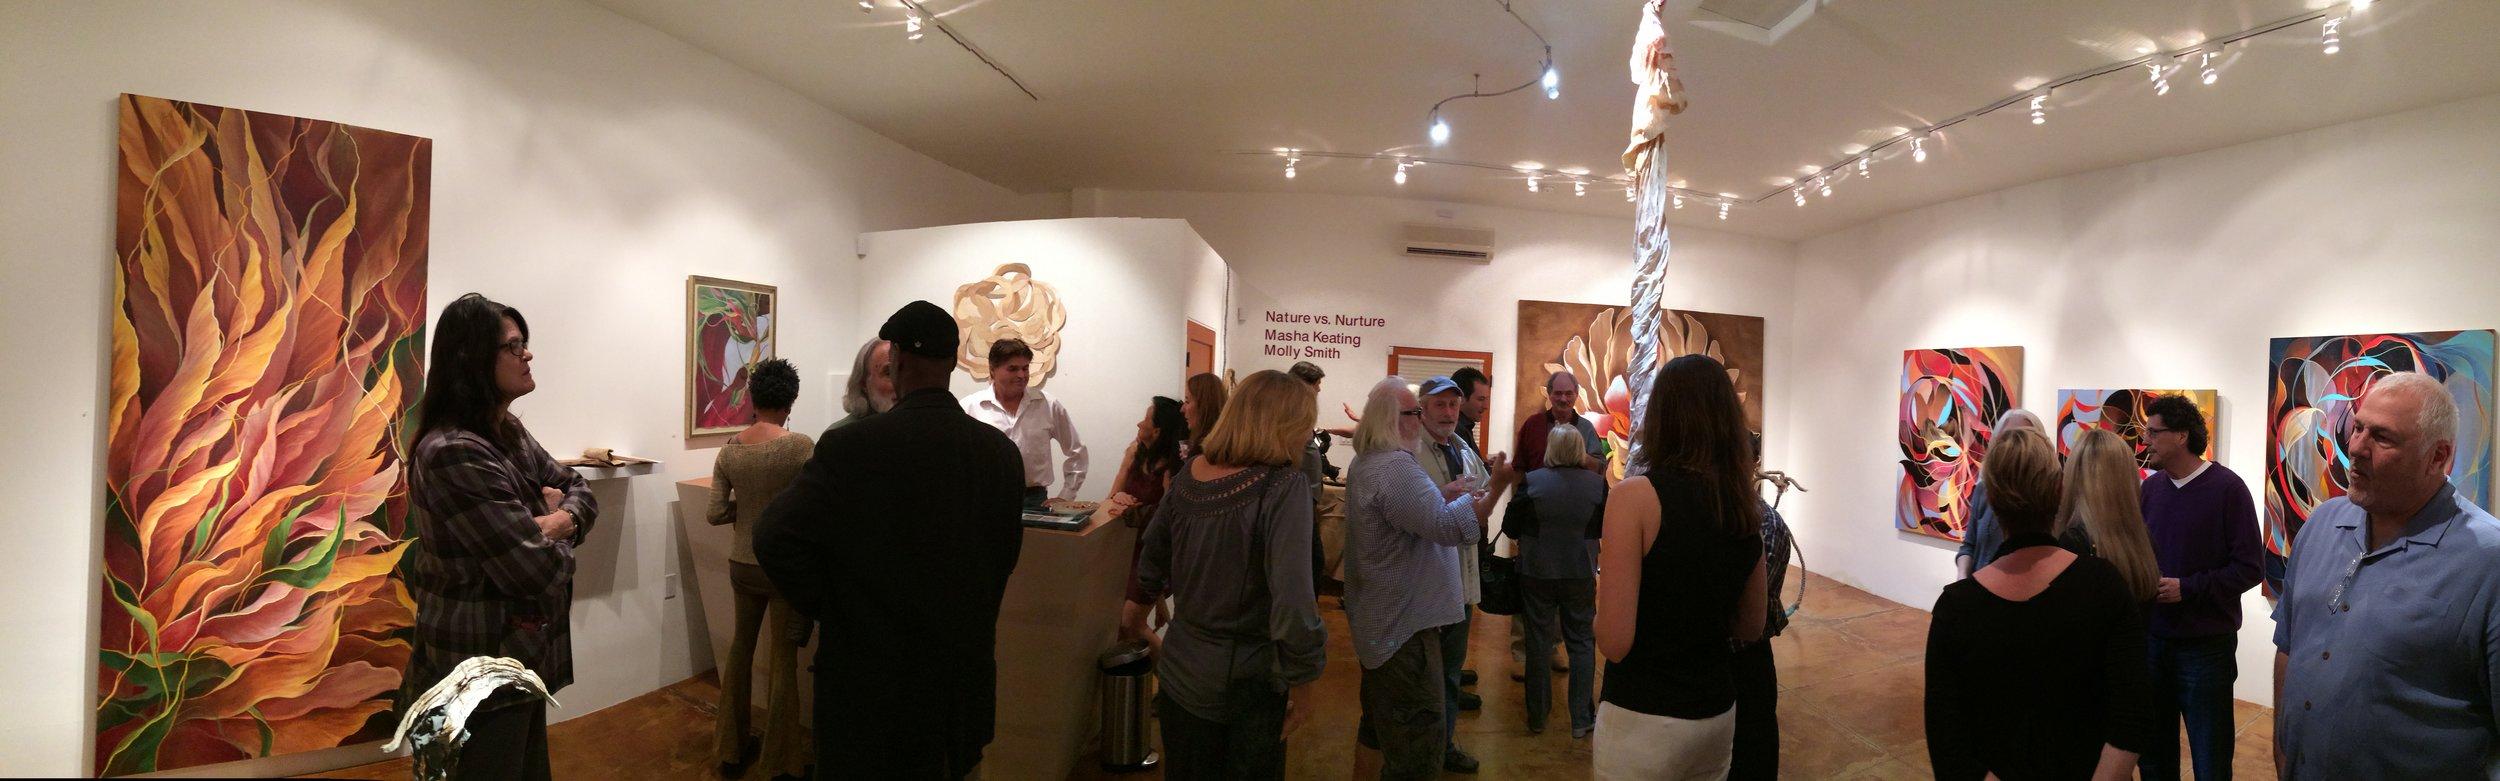 Nature vs. Nurture, Galerie 102, Ojai, CA, 2014.